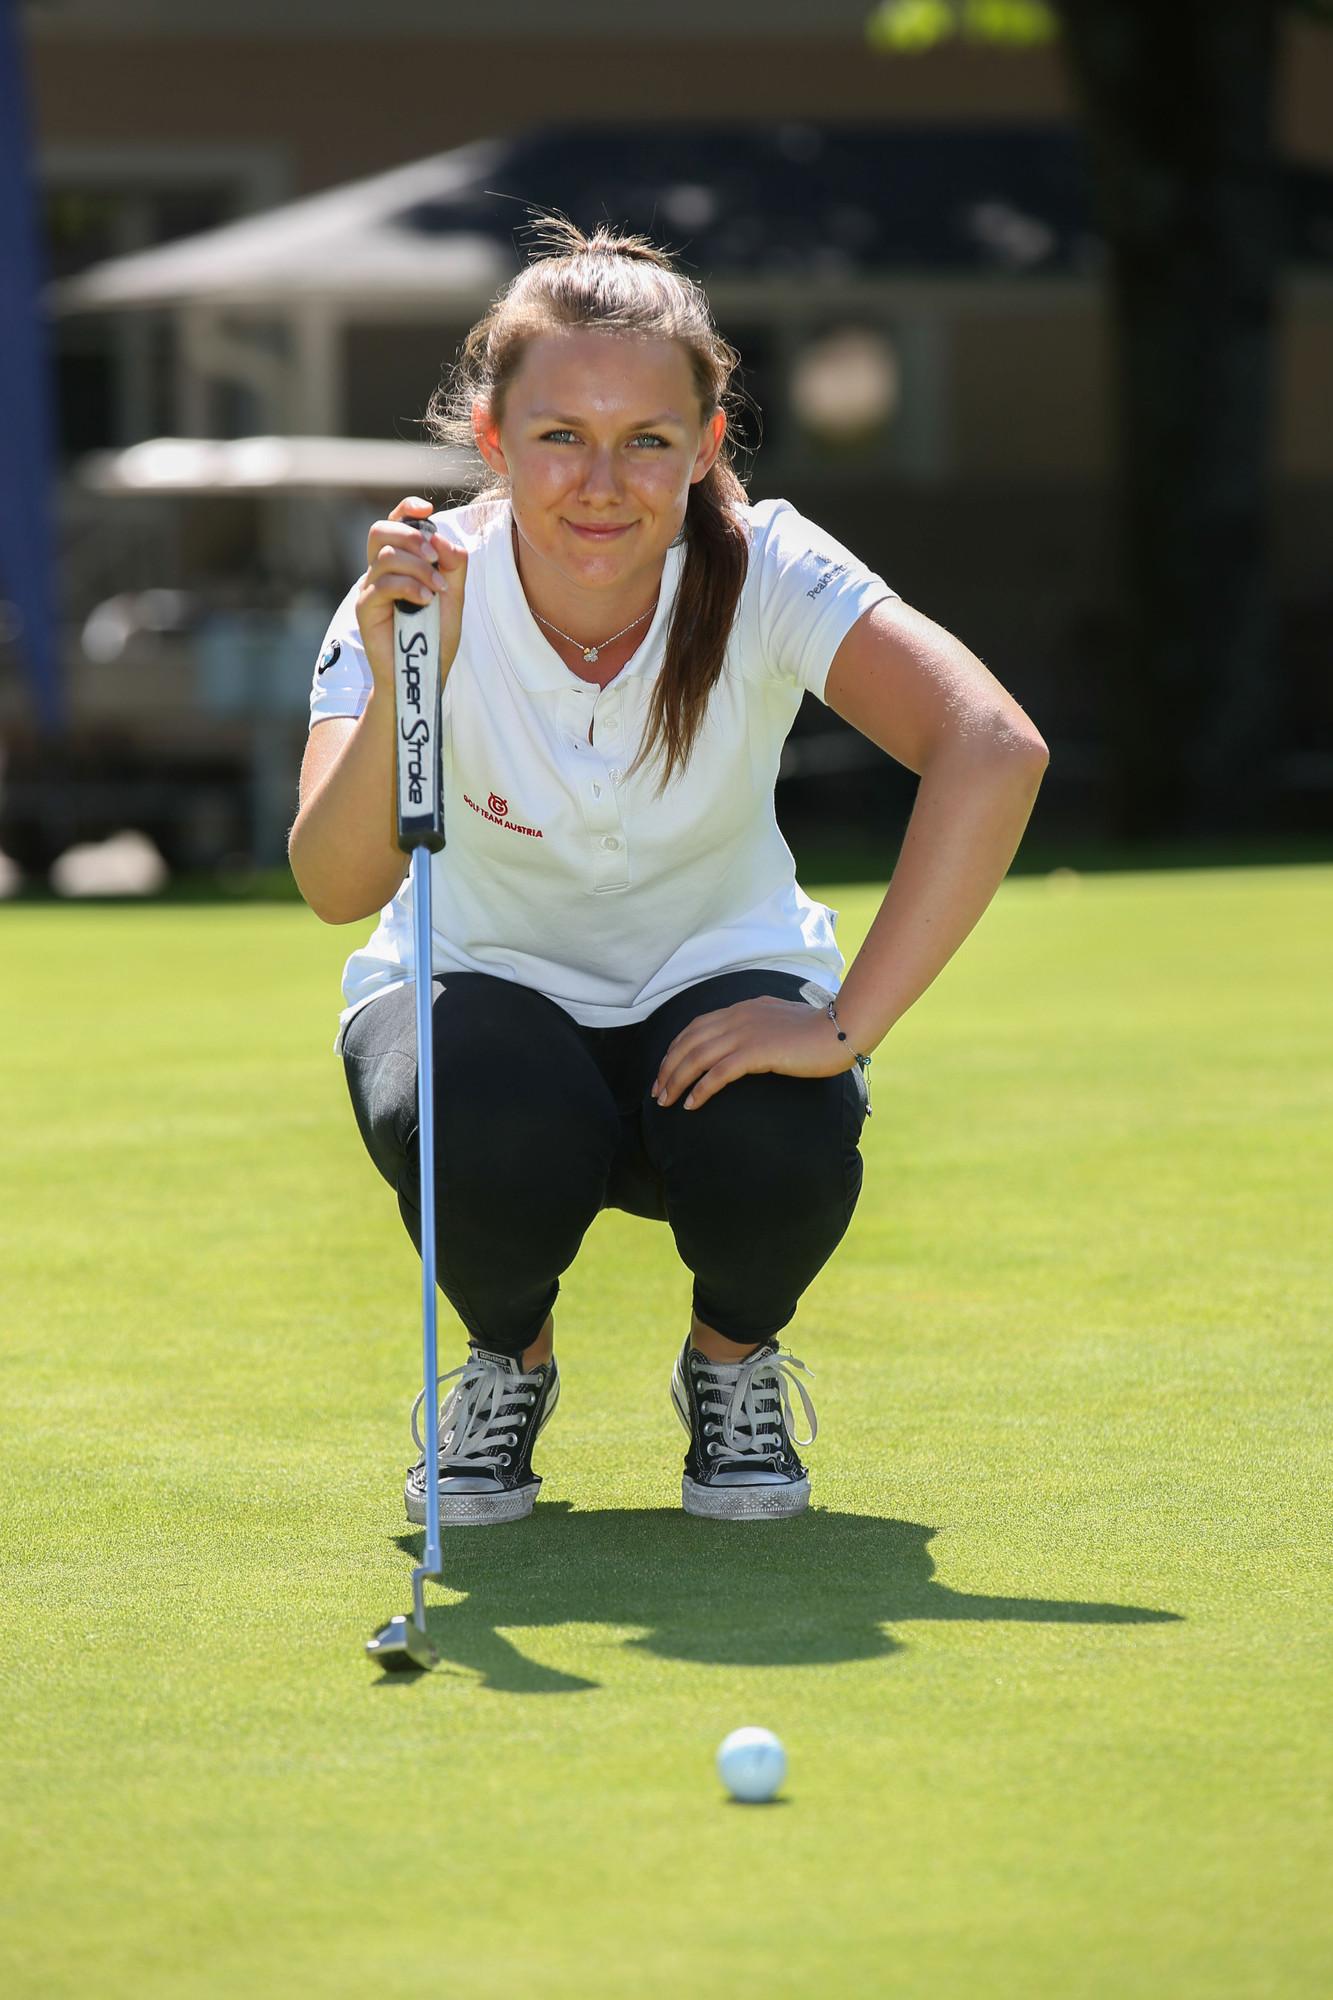 Junge Golferin hockt am Putting Green und denkt über ihren Putt nach